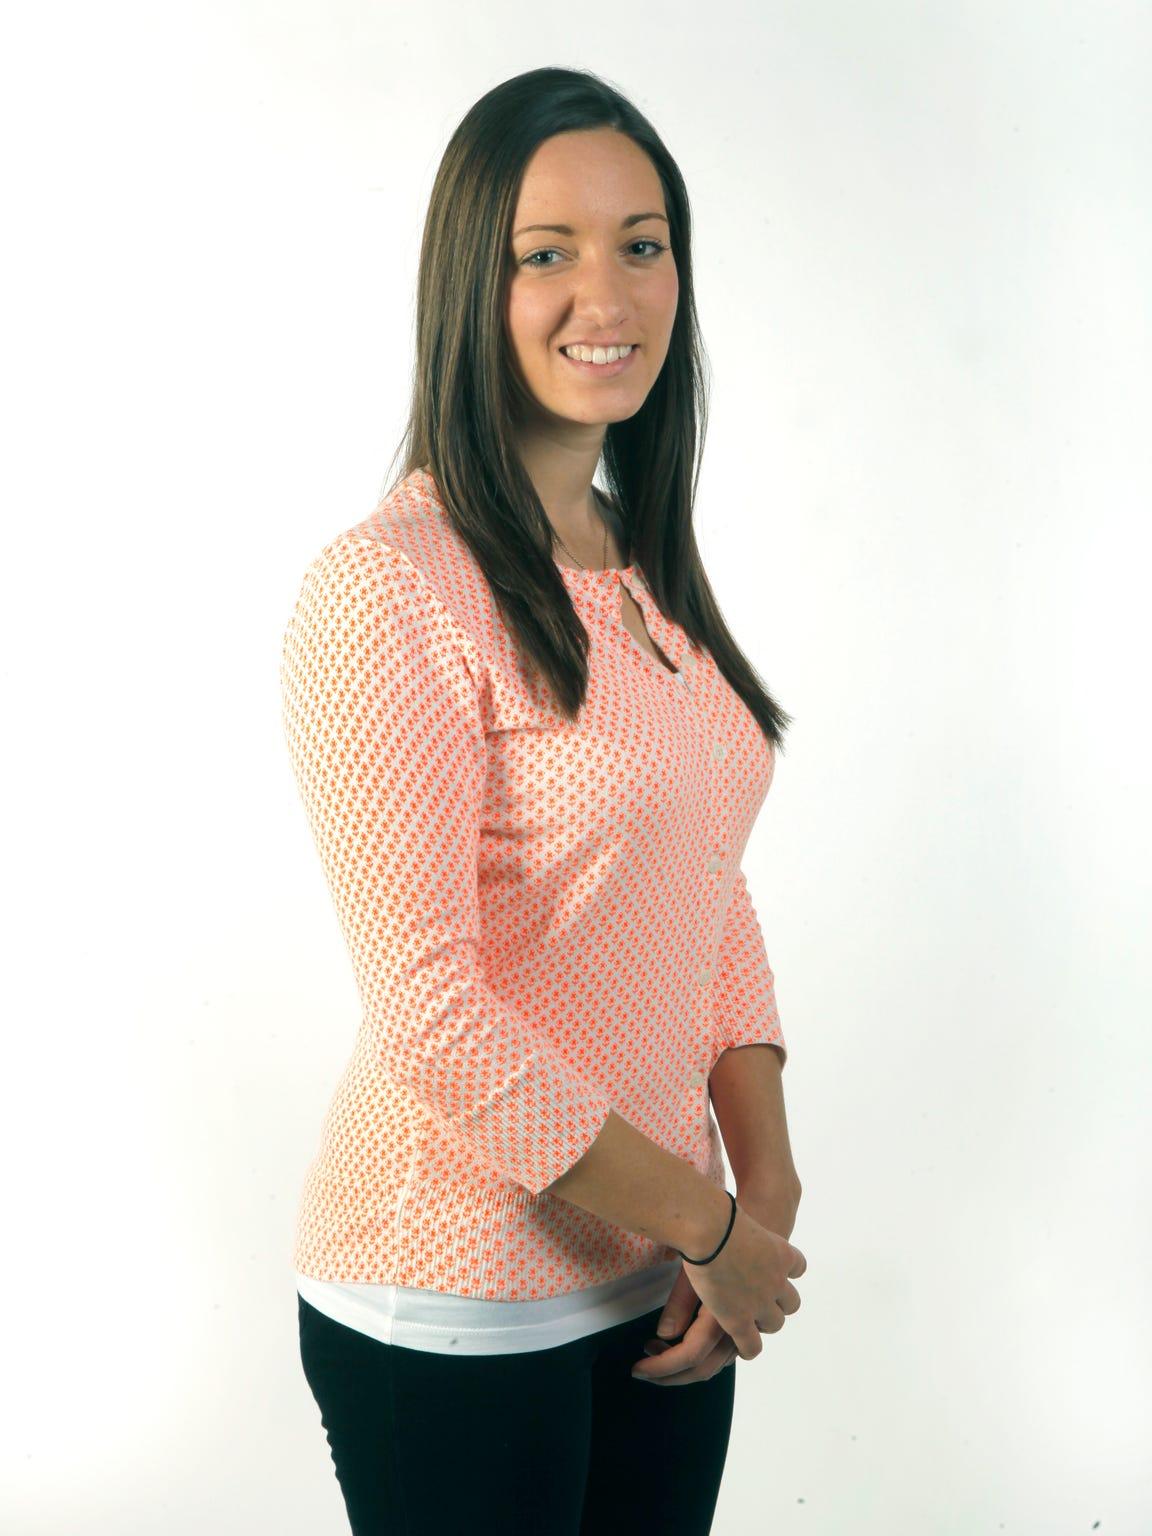 Staff photographer Lauren Petracca